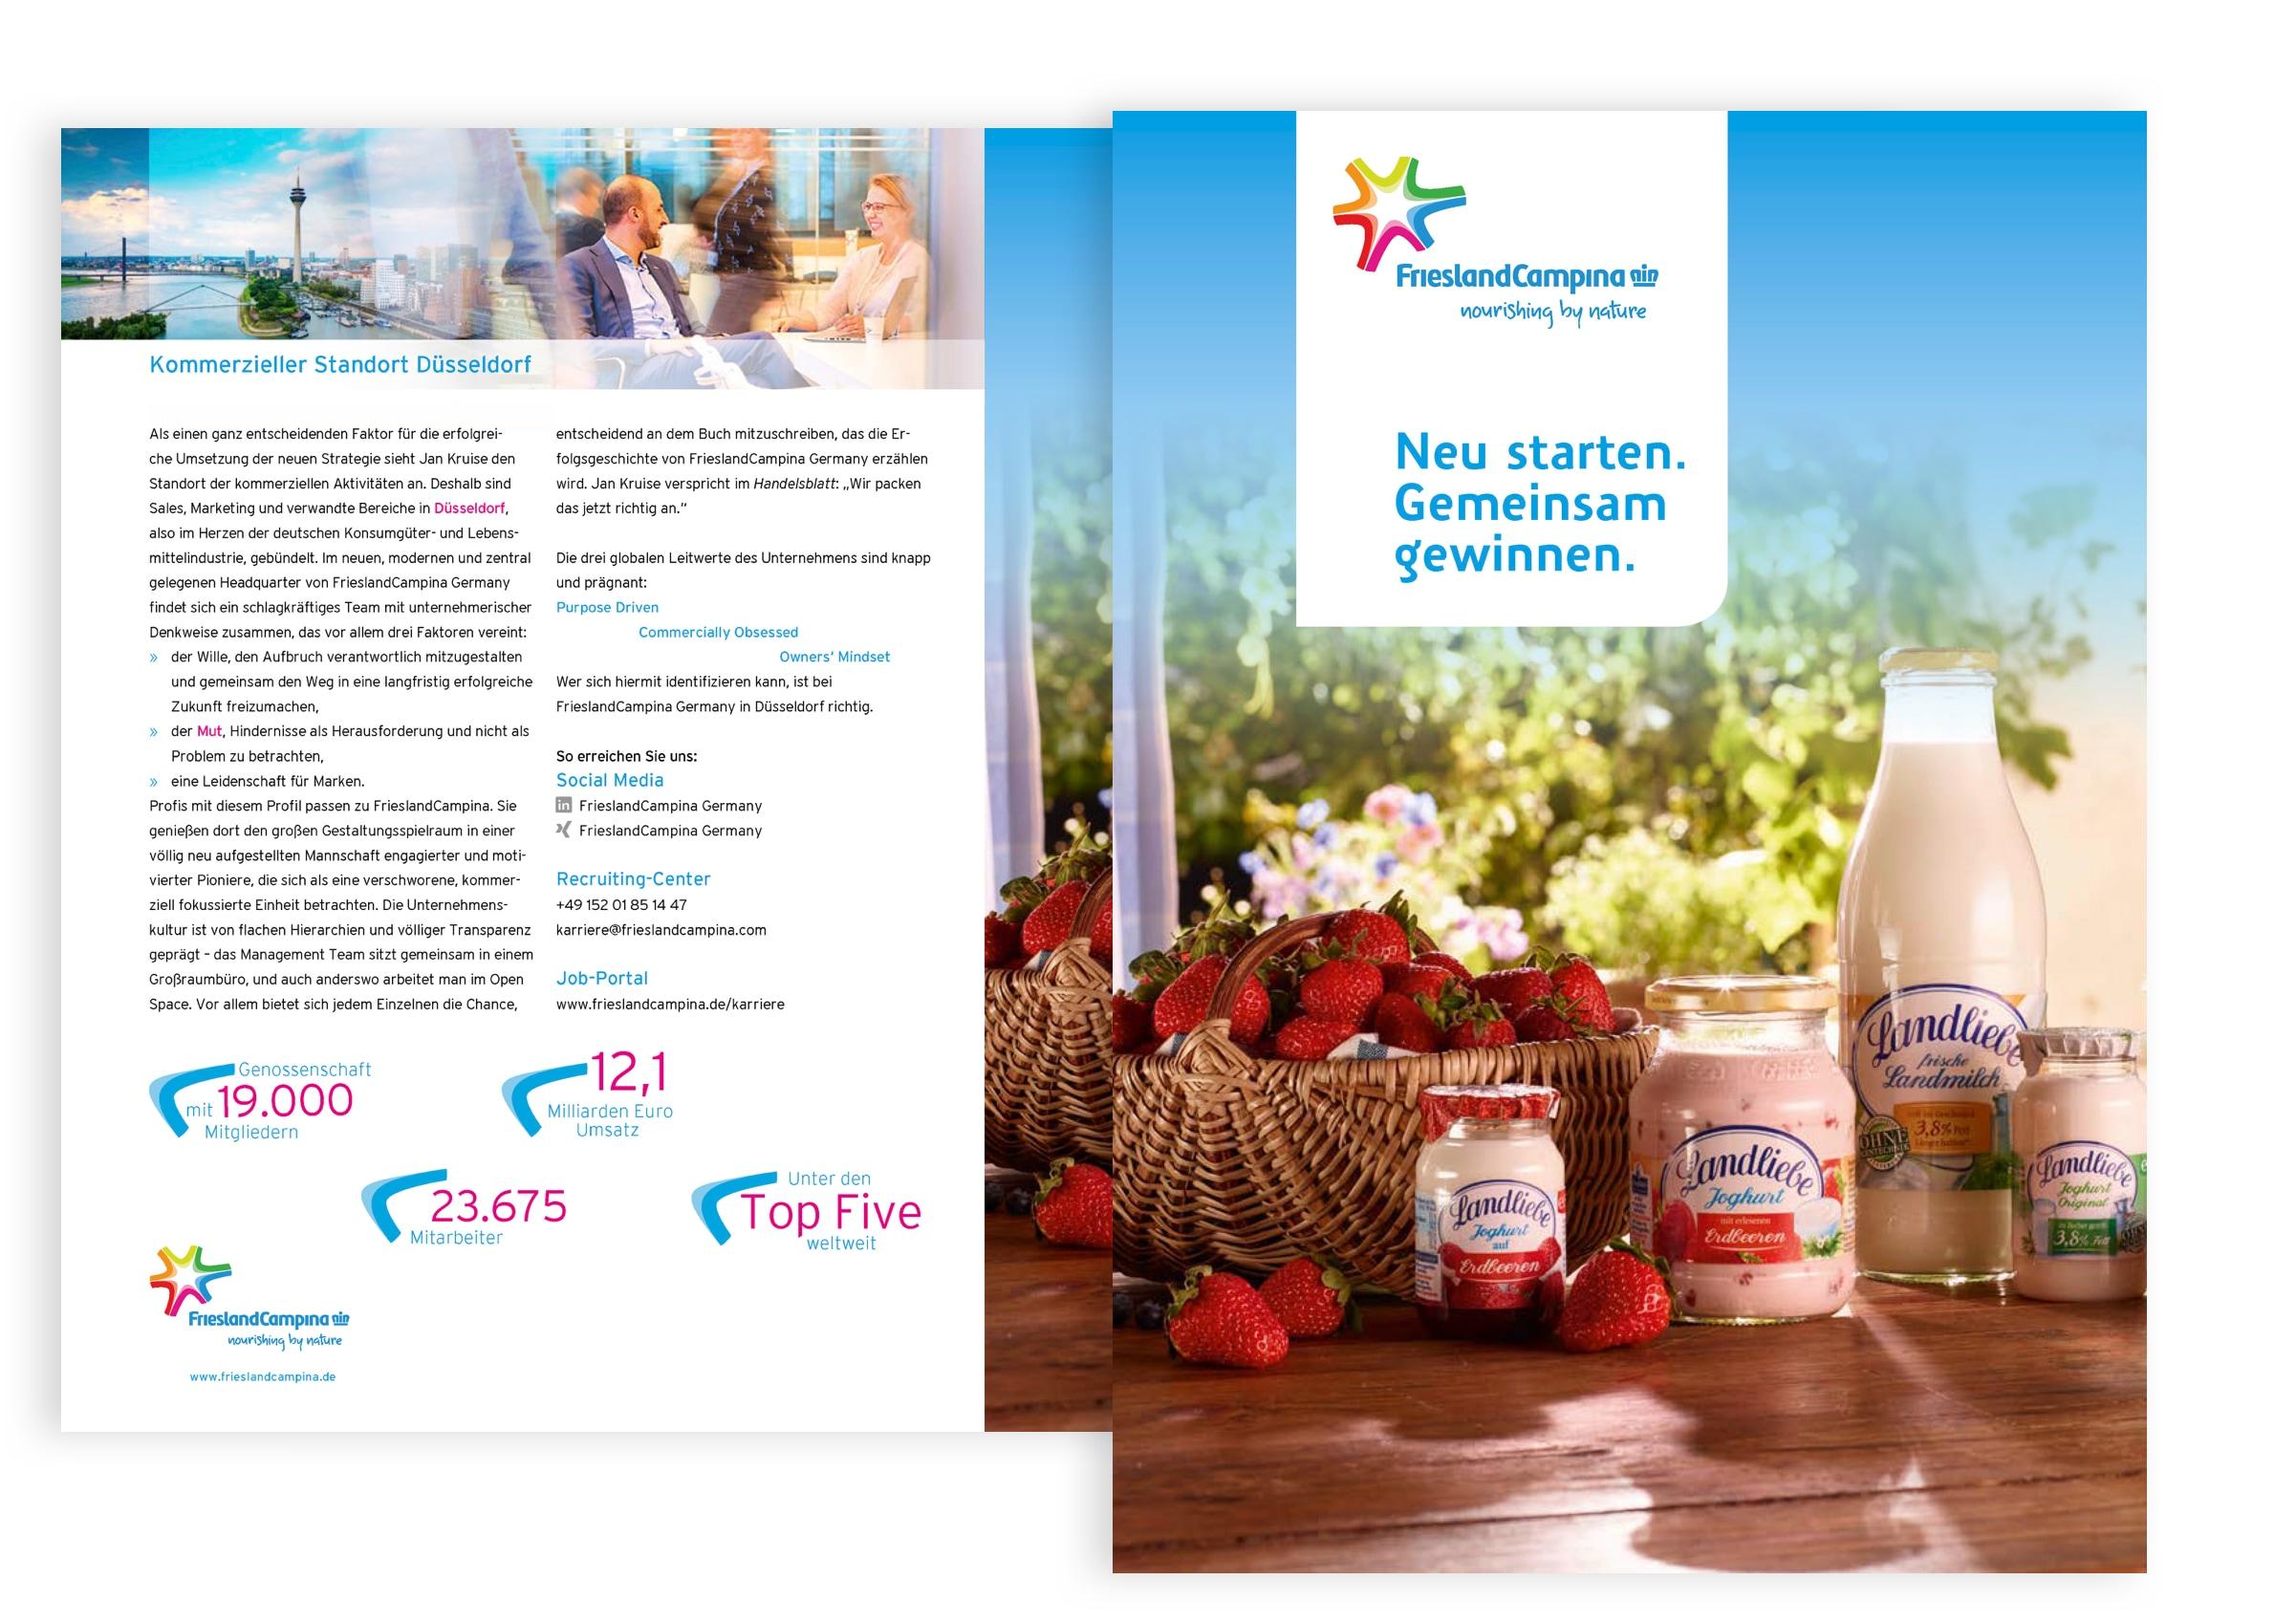 Montage des Titels und der Innenansicht des Flyers von FrieslandCampina Deutschland